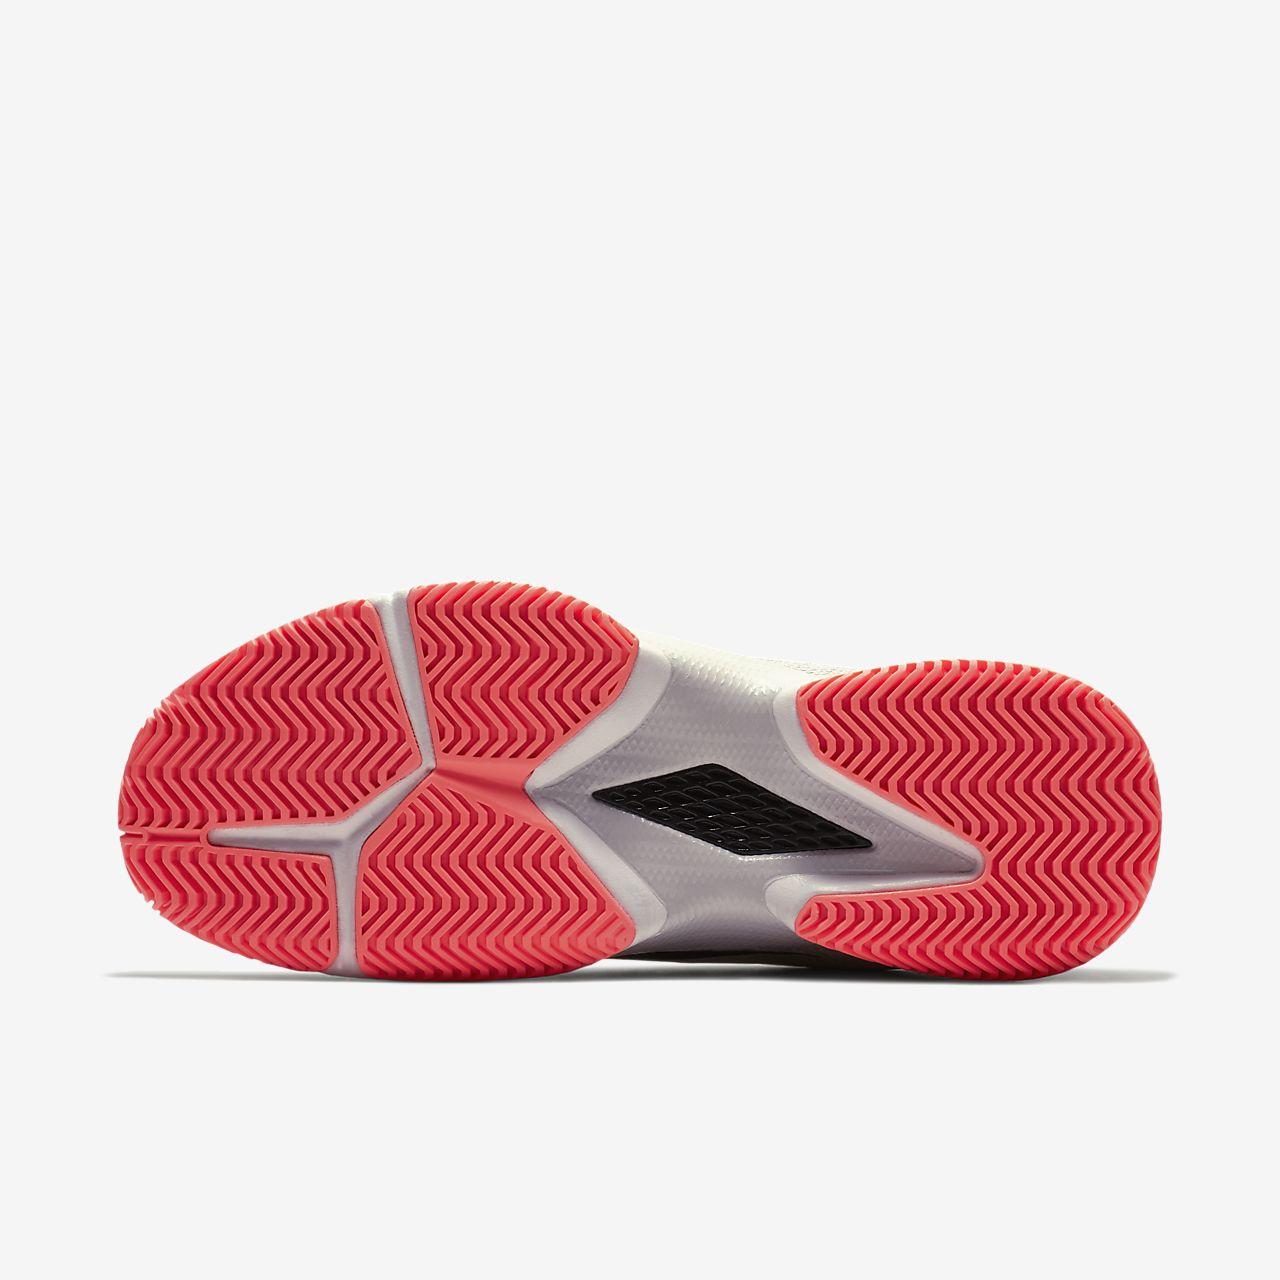 Pad deine Zehen Air und berühre die WeltNikeCourt Air Zehen Zoom Ultra Hard Court Damen-Tennisschuh 23ff4b